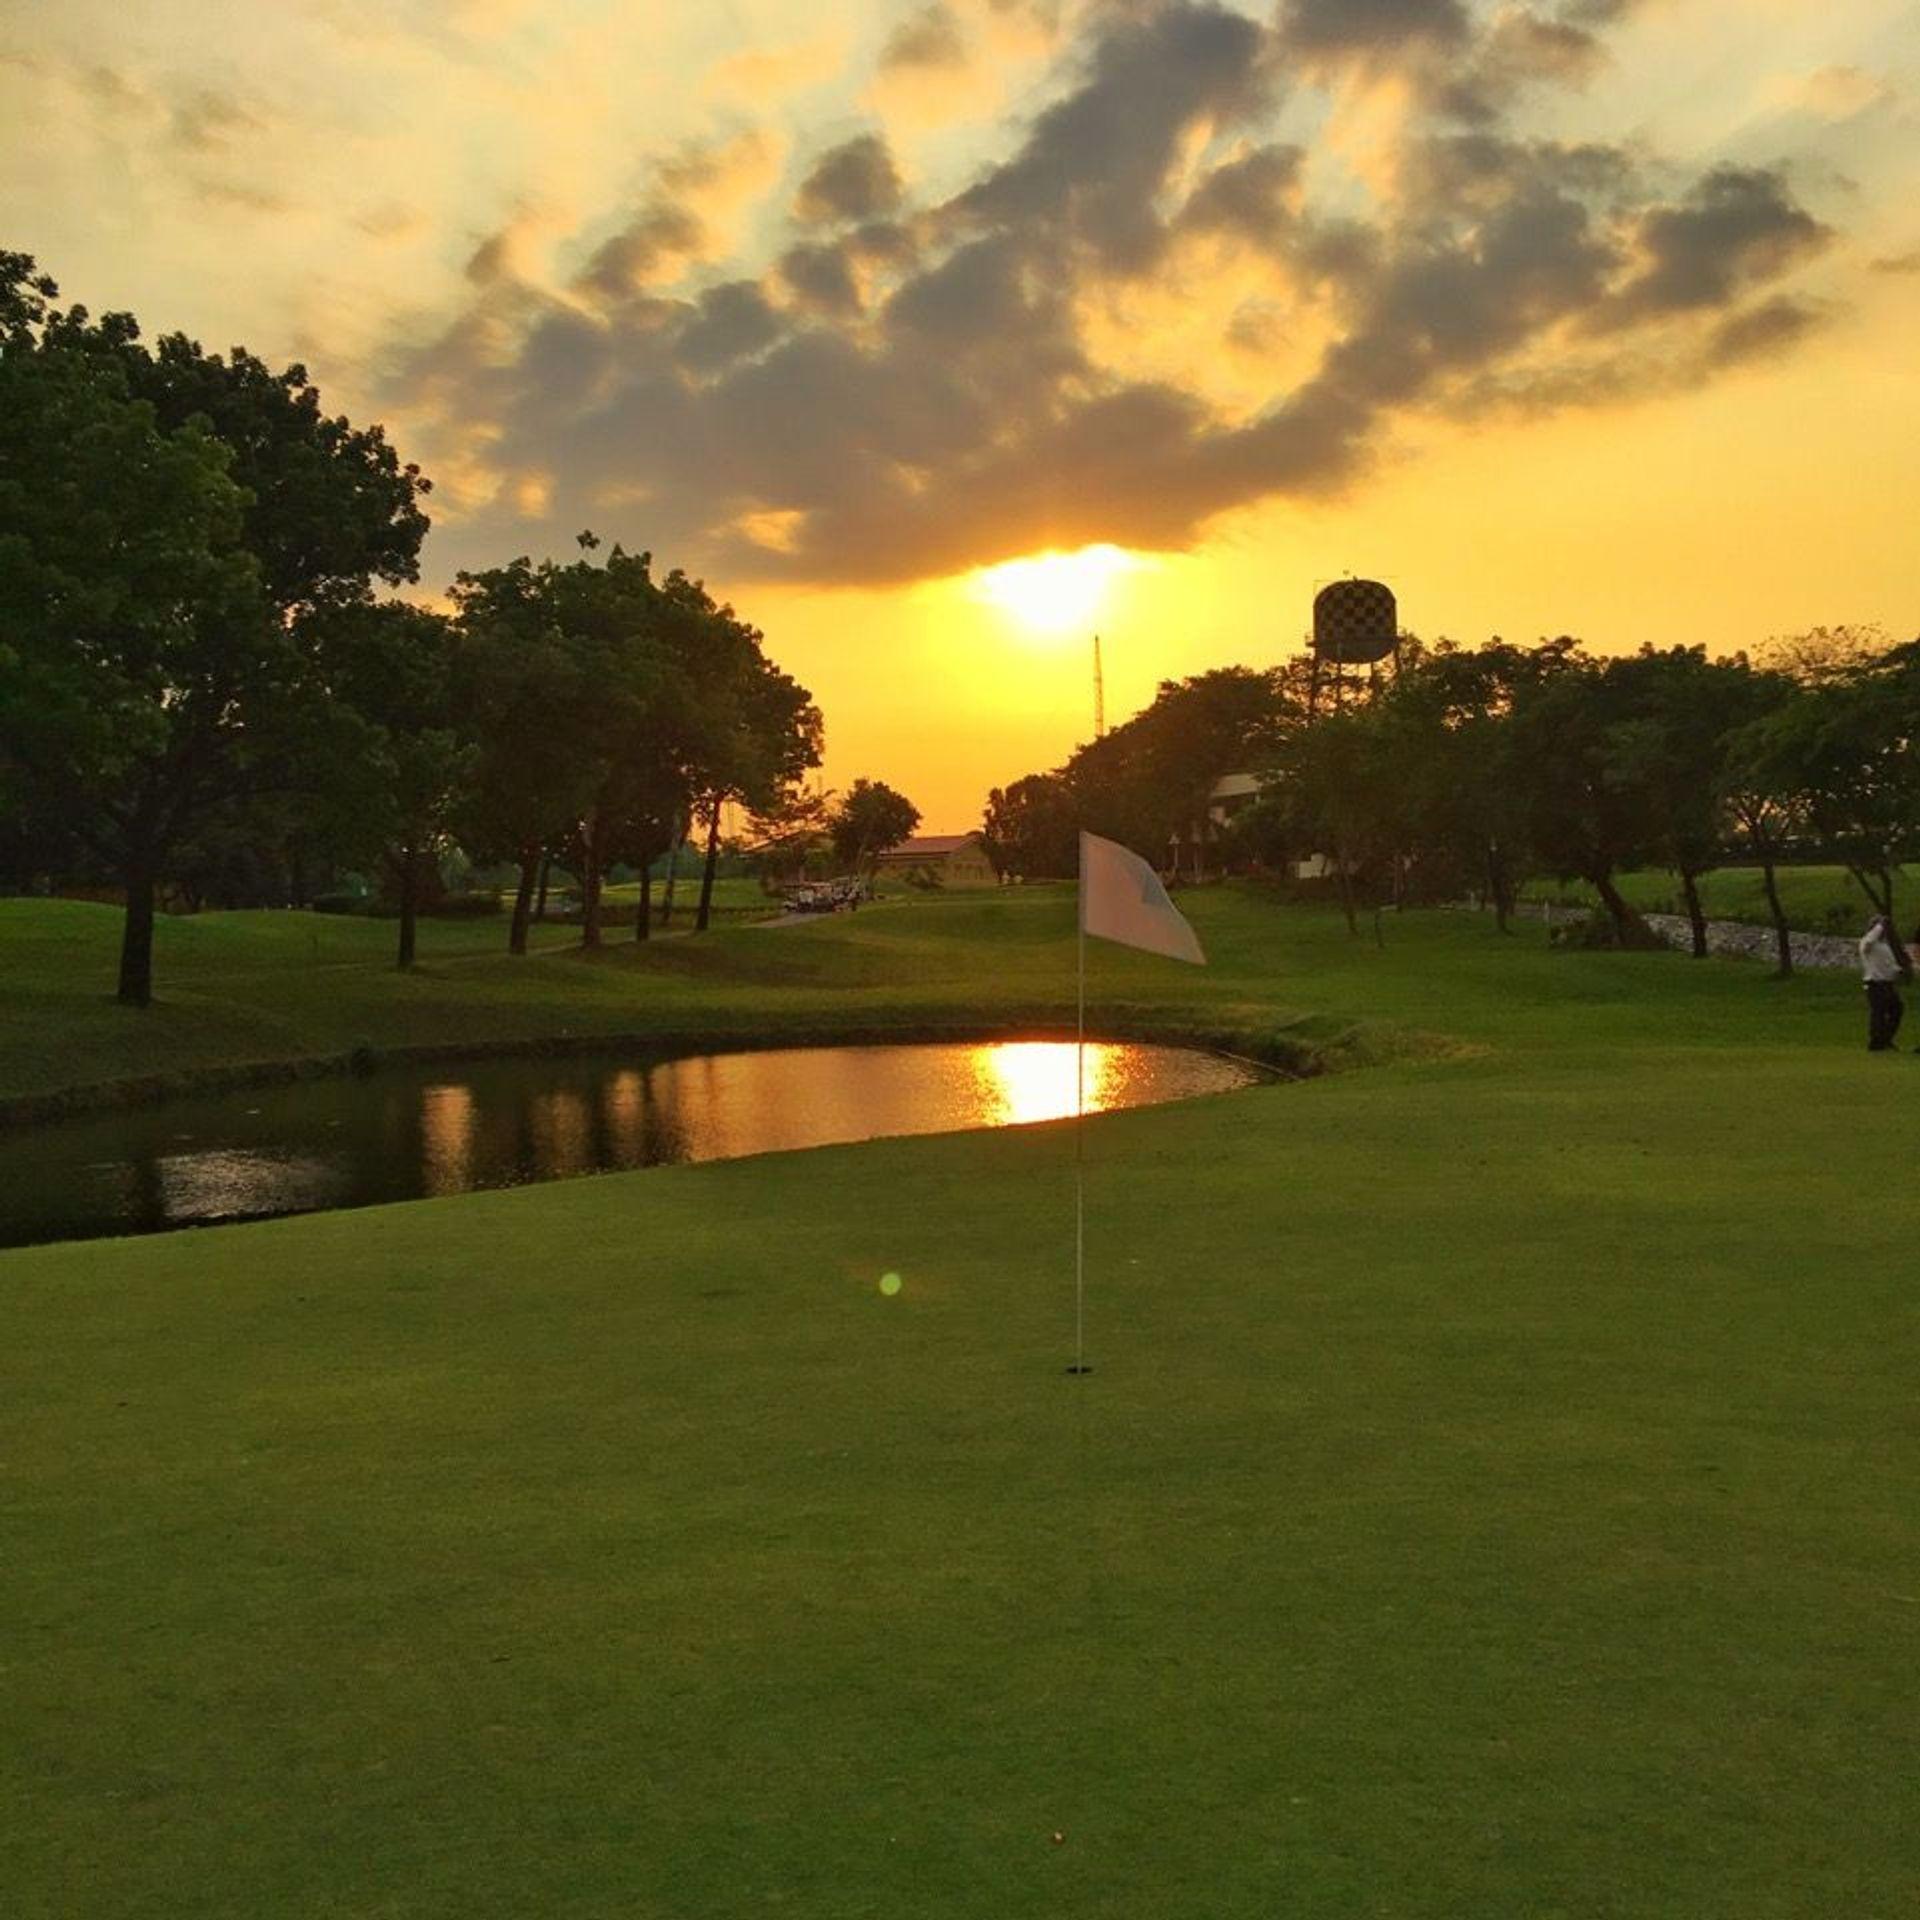 マニラゴルフ場予約 メジャートーナメントが多数開催☆ビリャモール・ゴルフクラブ